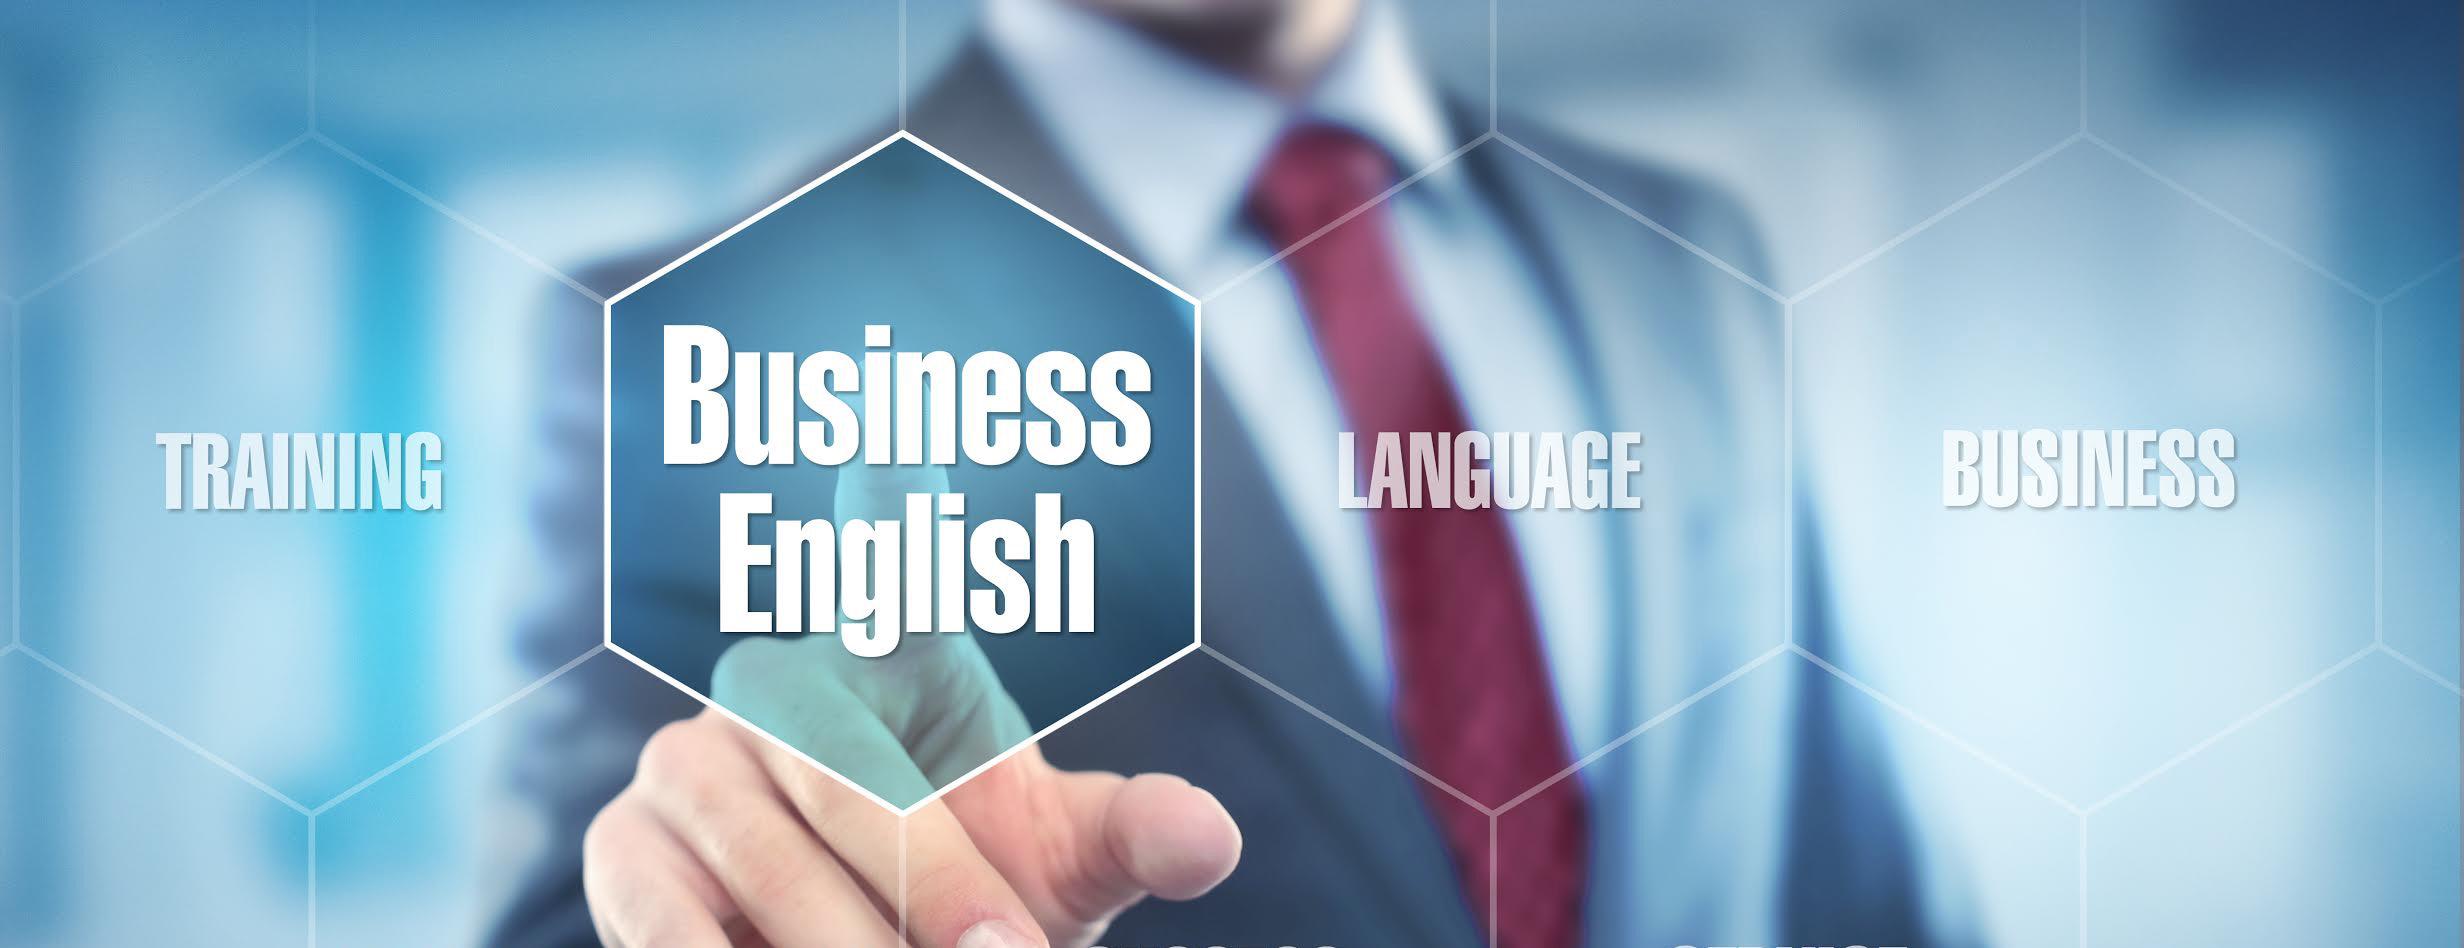 Những tình huống giao tiếp tiếng Anh thương mại điển hình